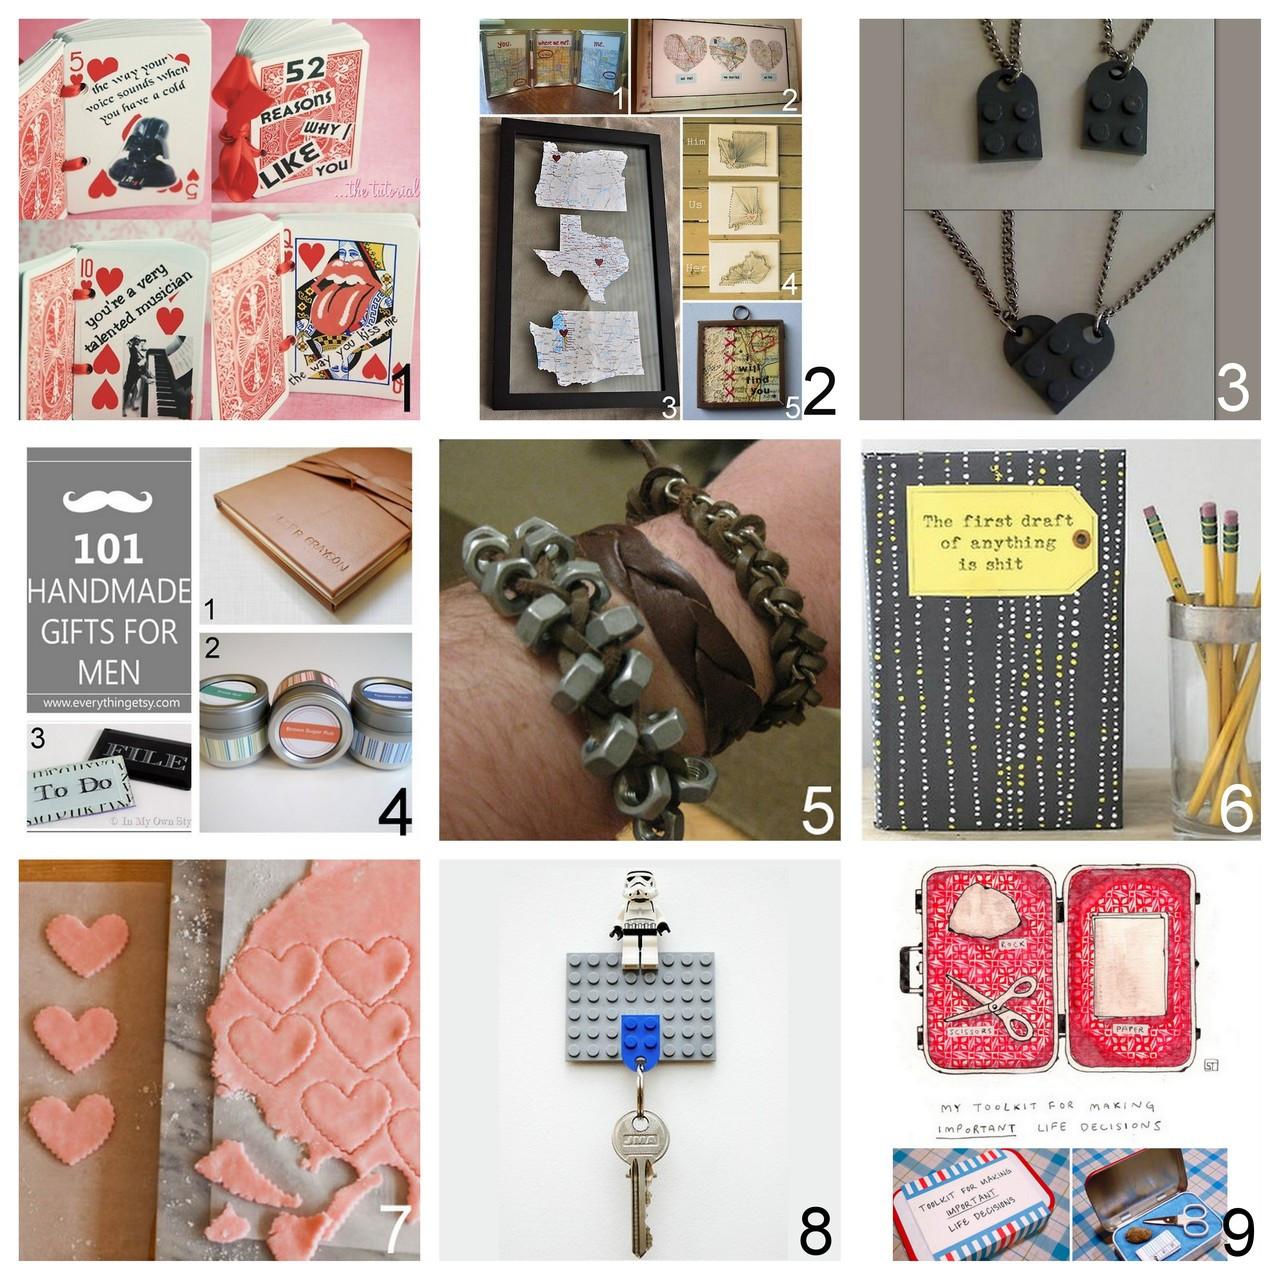 Gift Ideas For Boyfriend Birthday  18 Best s of DIY Gift Ideas For Boyfriend 52 Things